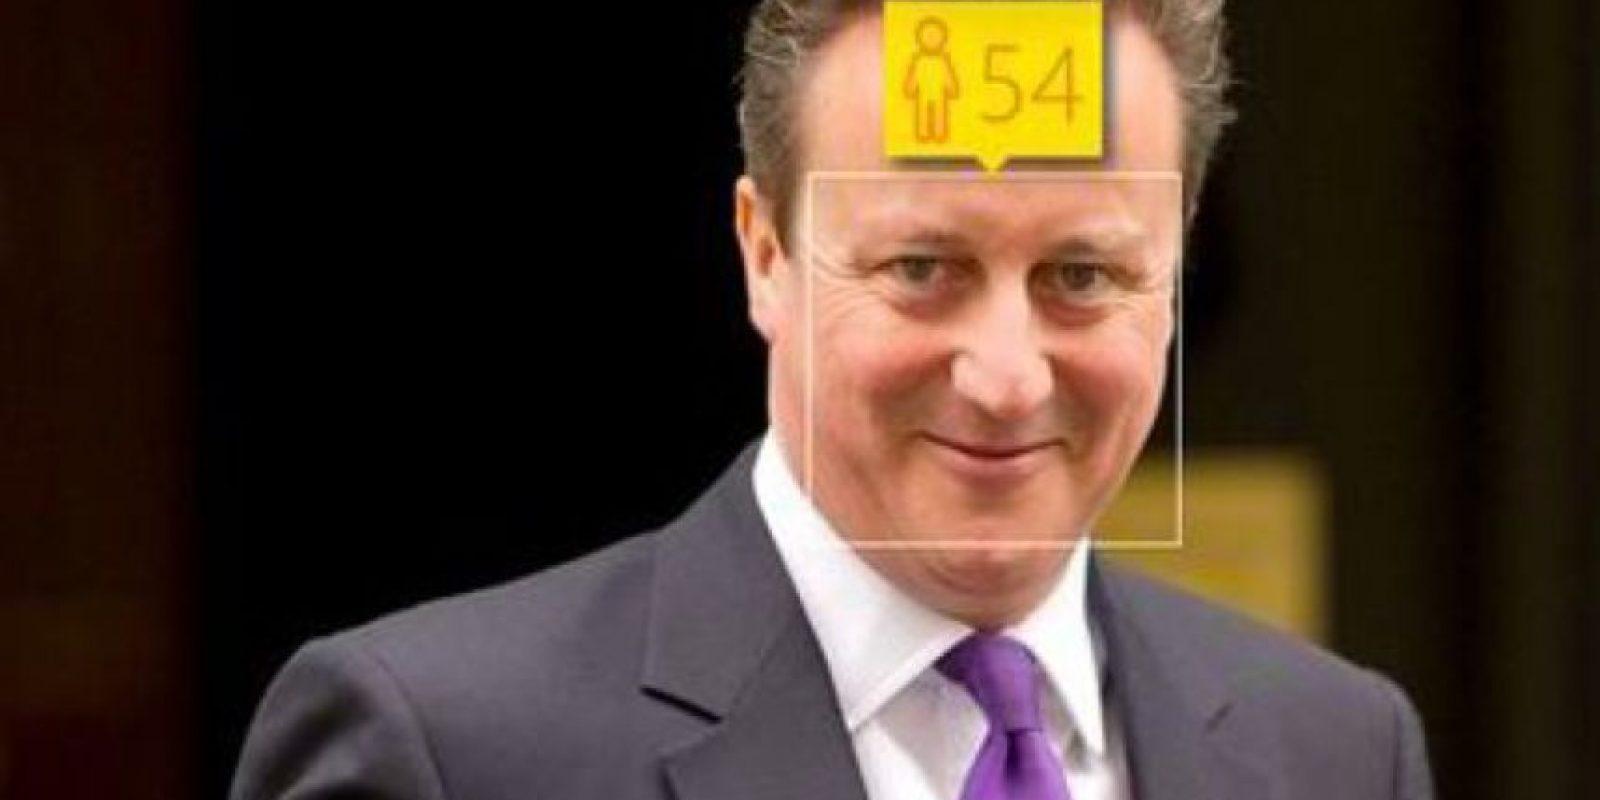 David Cameron, primer ministro del Reino Unido, tiene 48 años de edad. Foto:how-old.net